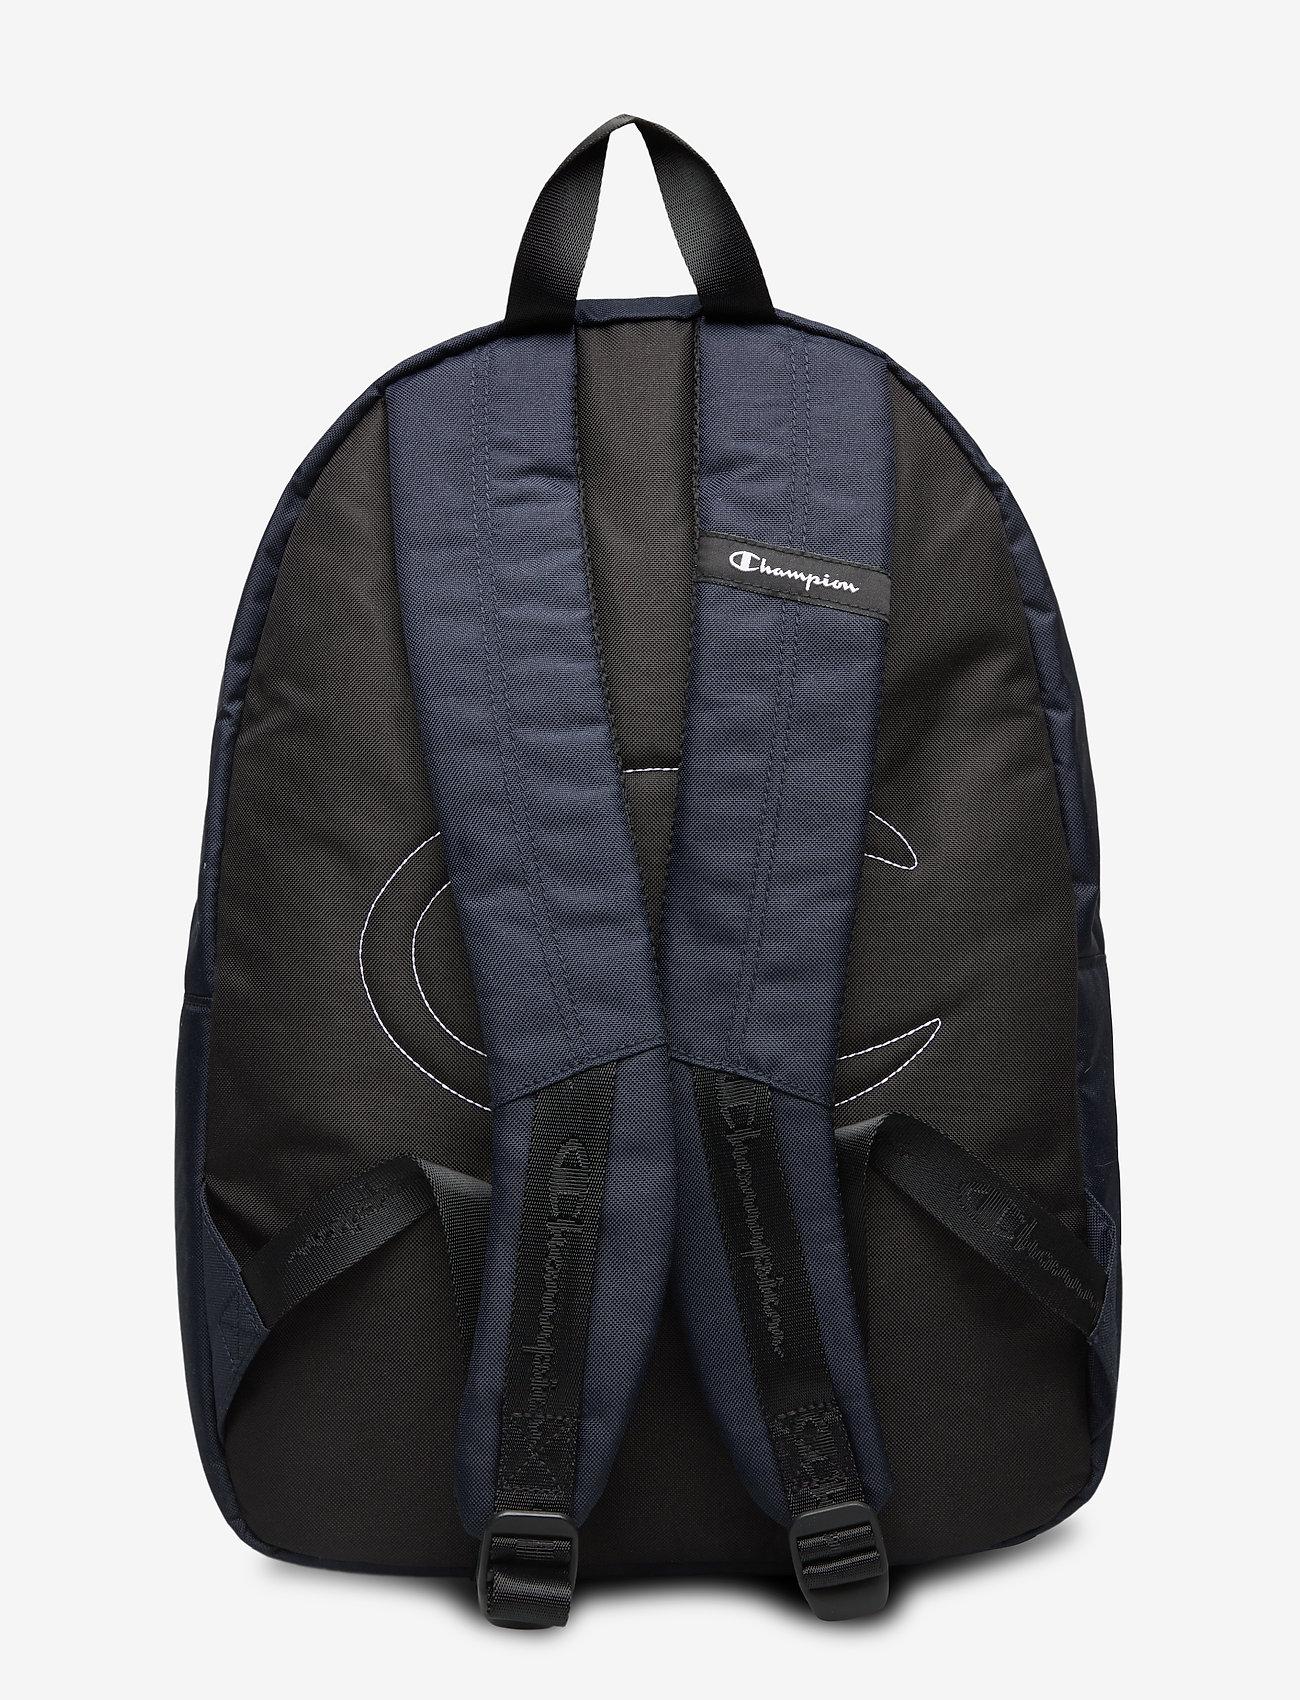 Champion - Backpack - trainingstassen - sky captain - 1